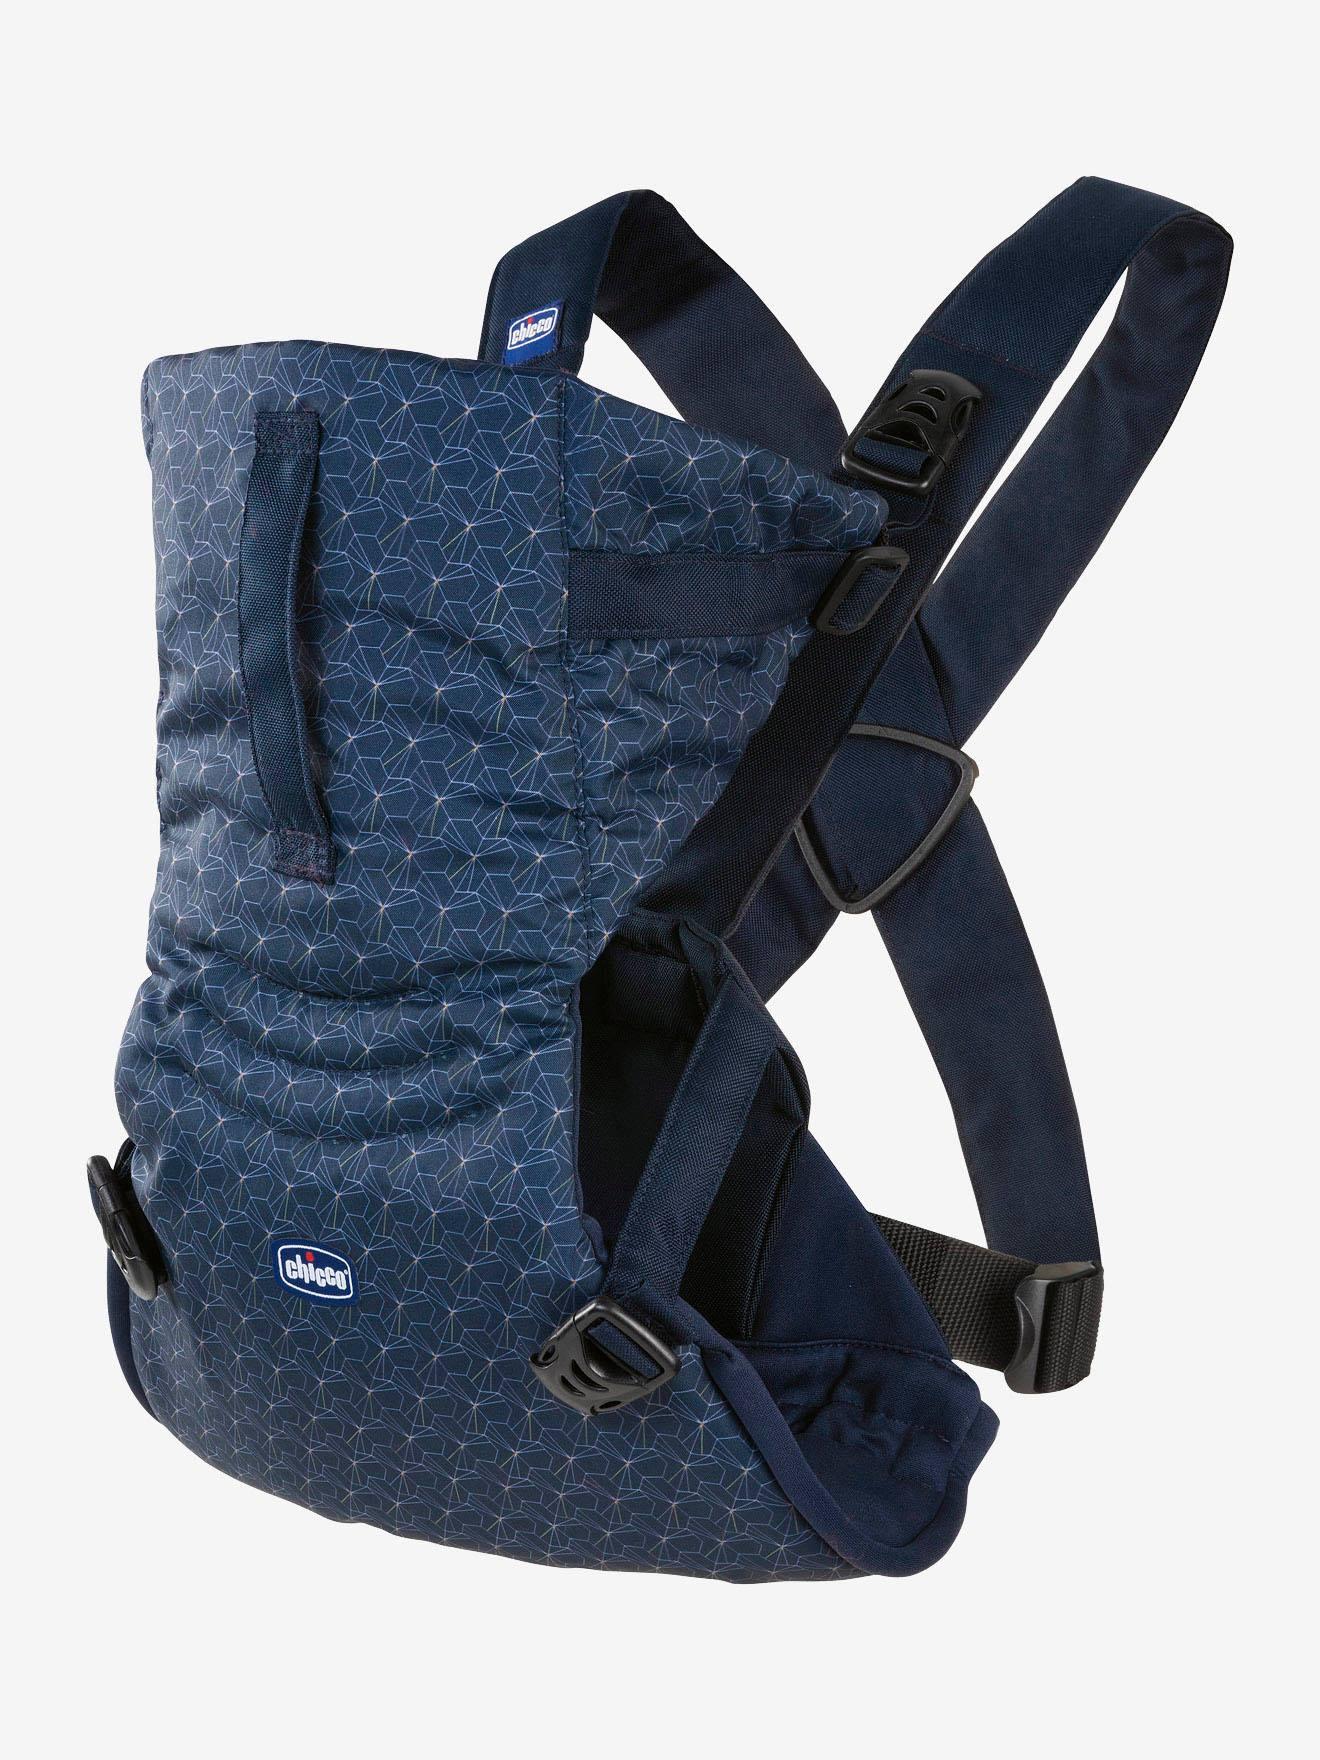 CHICCO Porta-bebé ergonómico CHICCO Easyfit azul medio liso